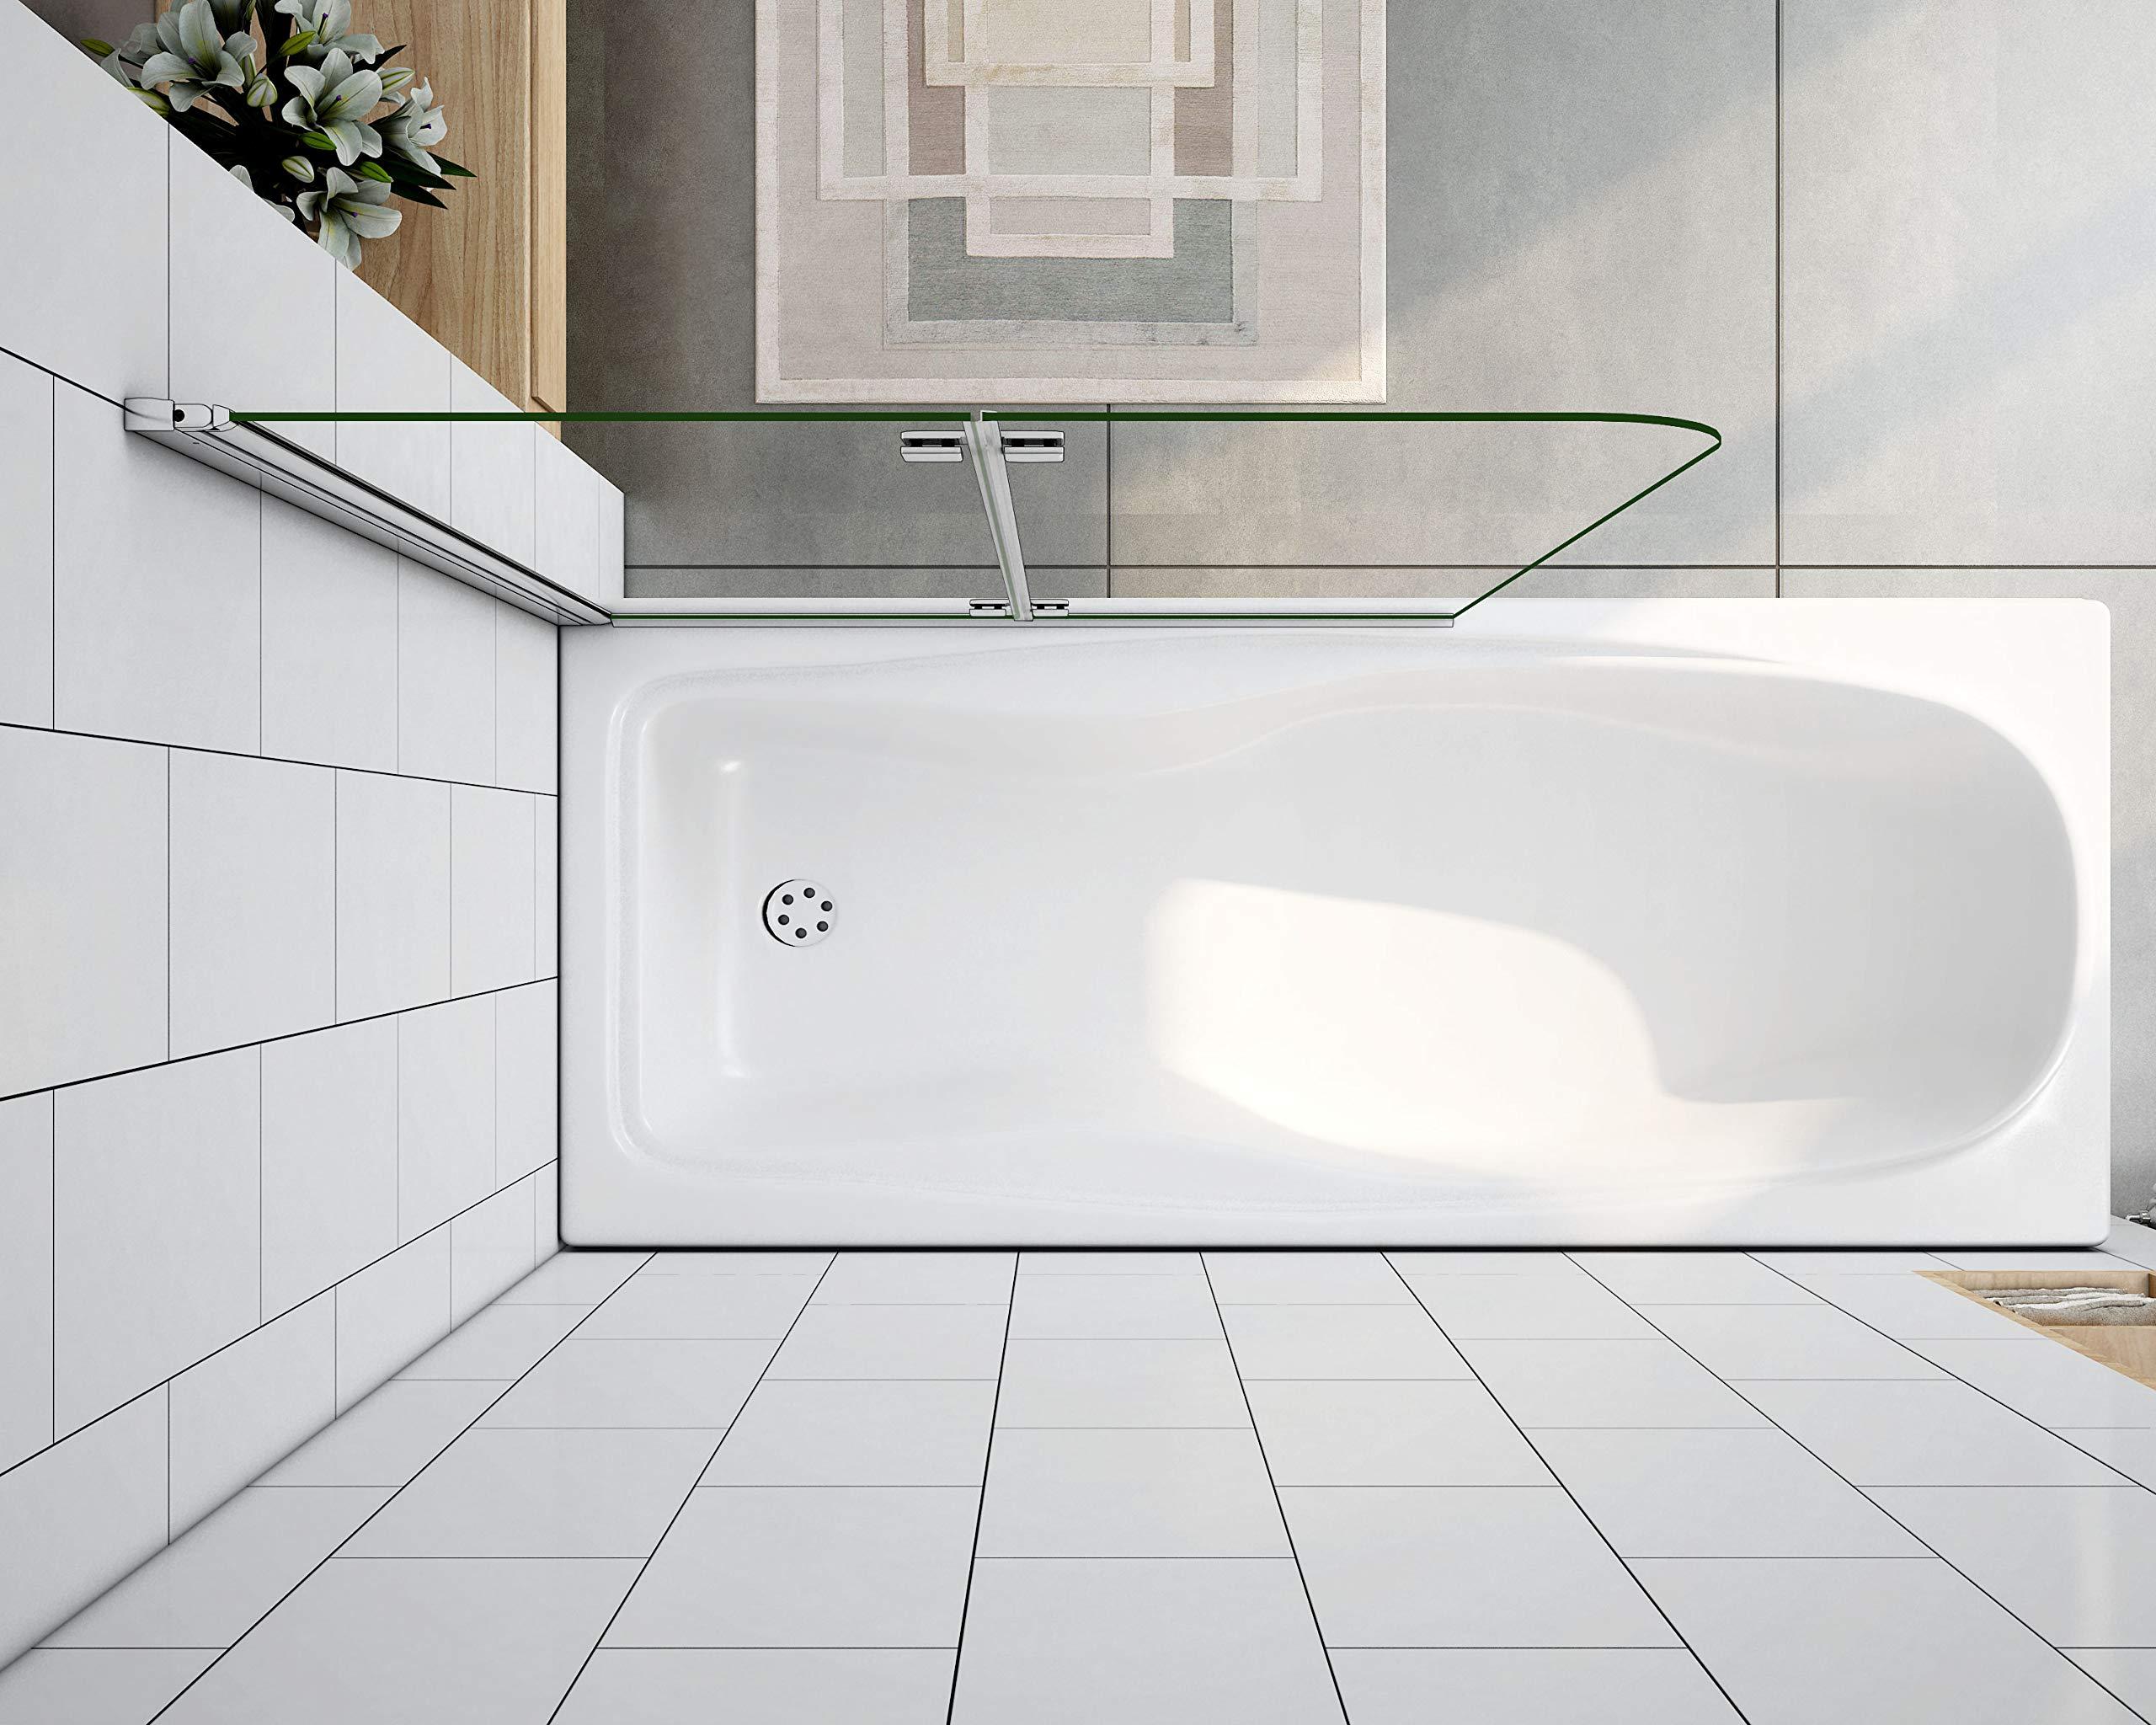 Mamparas de Bañera Plegable Biombo de Baño Abatible, 6 MM Cristal Templado Antical 120x140cm: Amazon.es: Bricolaje y herramientas